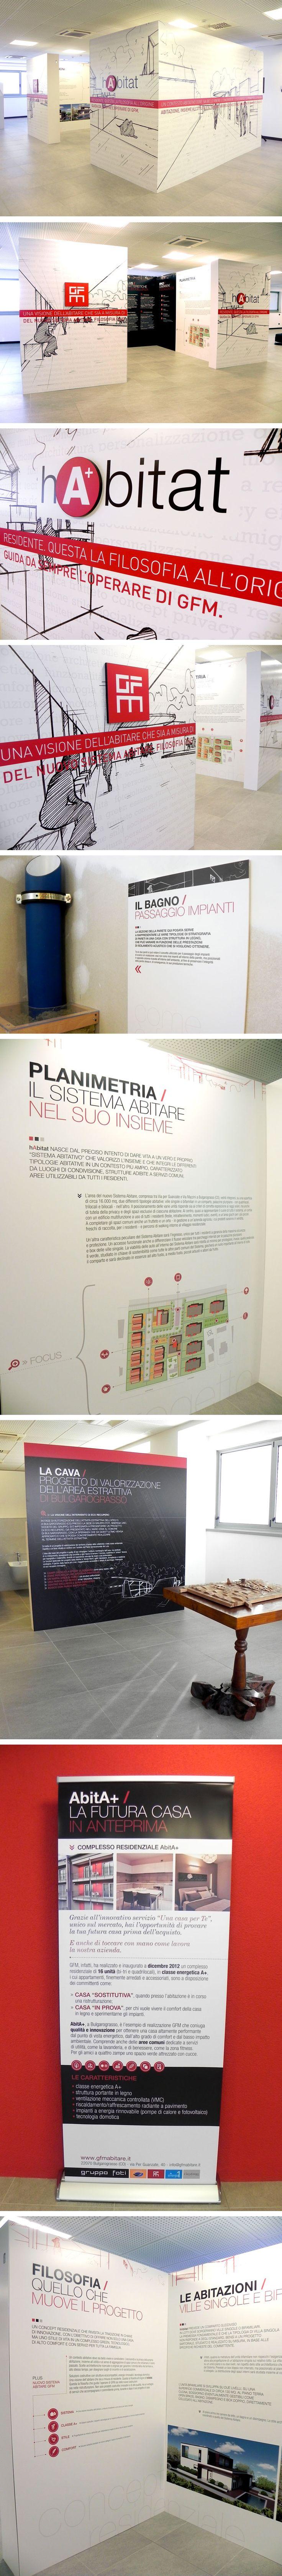 Per comunicare l'evento b_centric ha allestito lo showroom arredandolo con pannelli ricchi di informazioni, per accompagnare i visitatori in un percorso esplorativo di questo mondo di soluzioni abitative. L'evento è stato supportato da una pianificazione DeM, e da una brochure esplicativa (corredata di shopper per gadget).